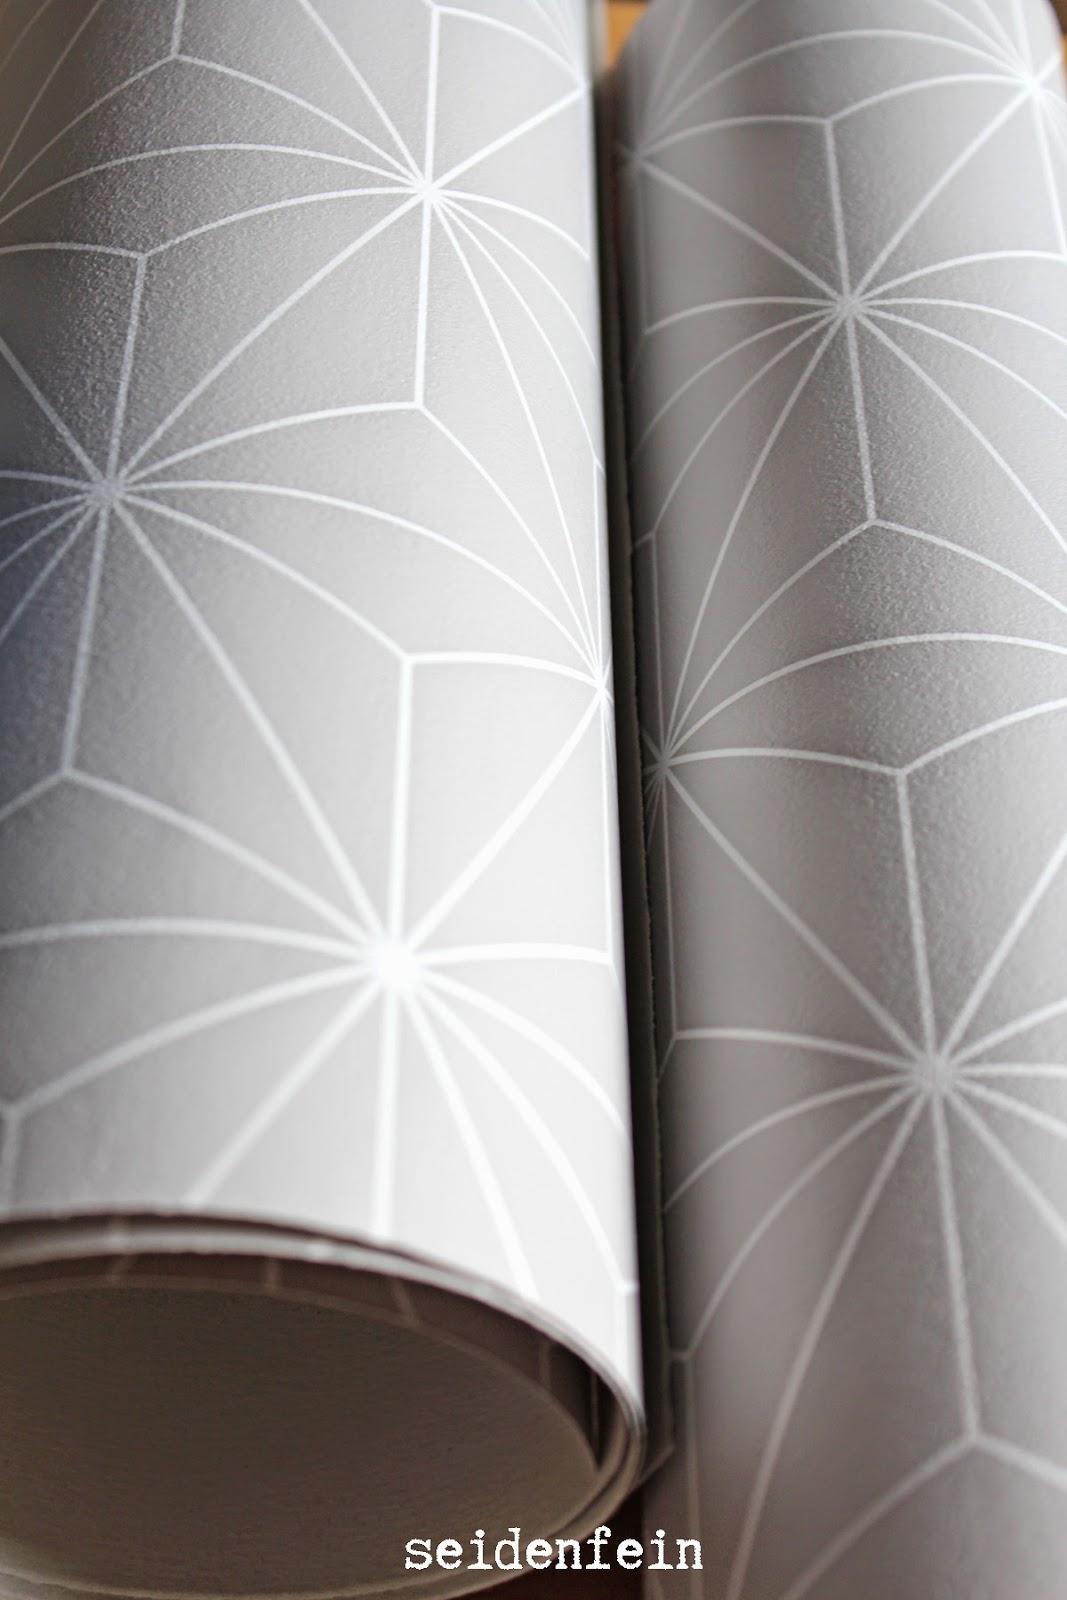 seidenfeins blog vom sch nen landleben diy eine alte ikea vitrine umbauen wohnzimmer fresh. Black Bedroom Furniture Sets. Home Design Ideas